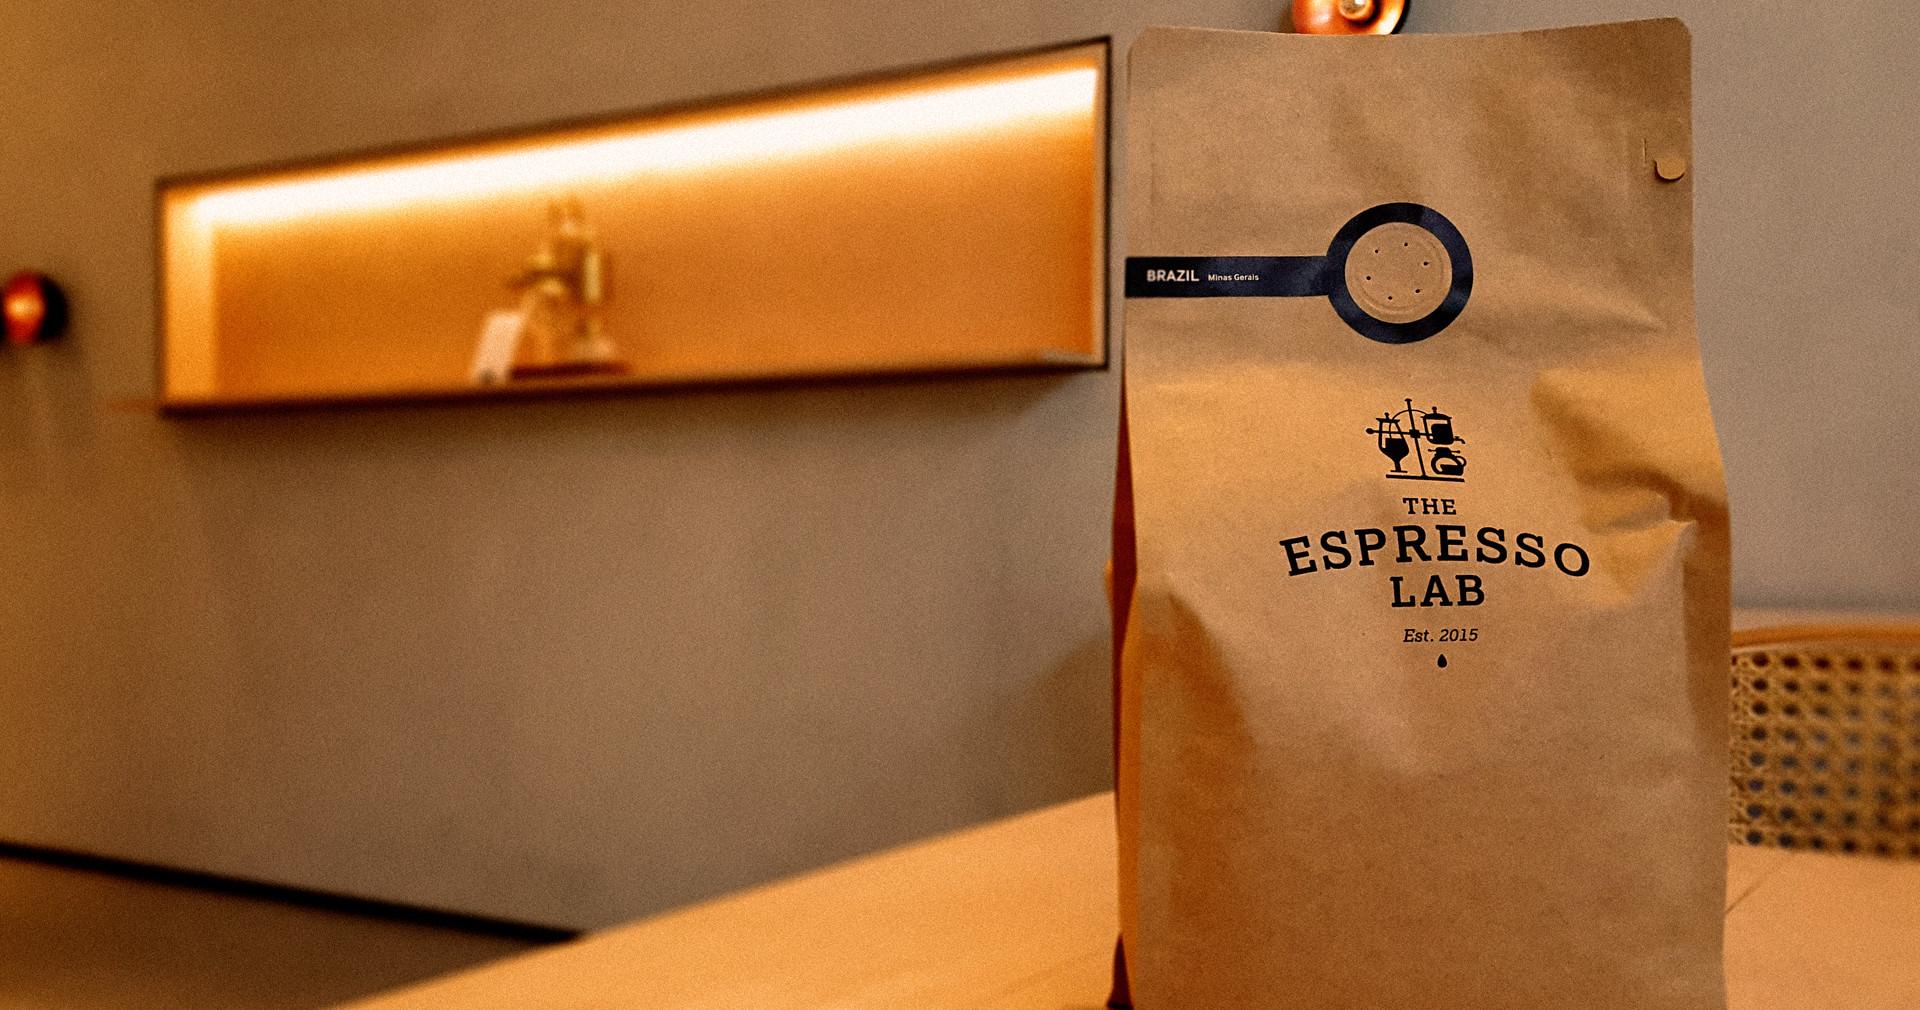 04 TLL Espresso Lab One Coffee Bag.jpg